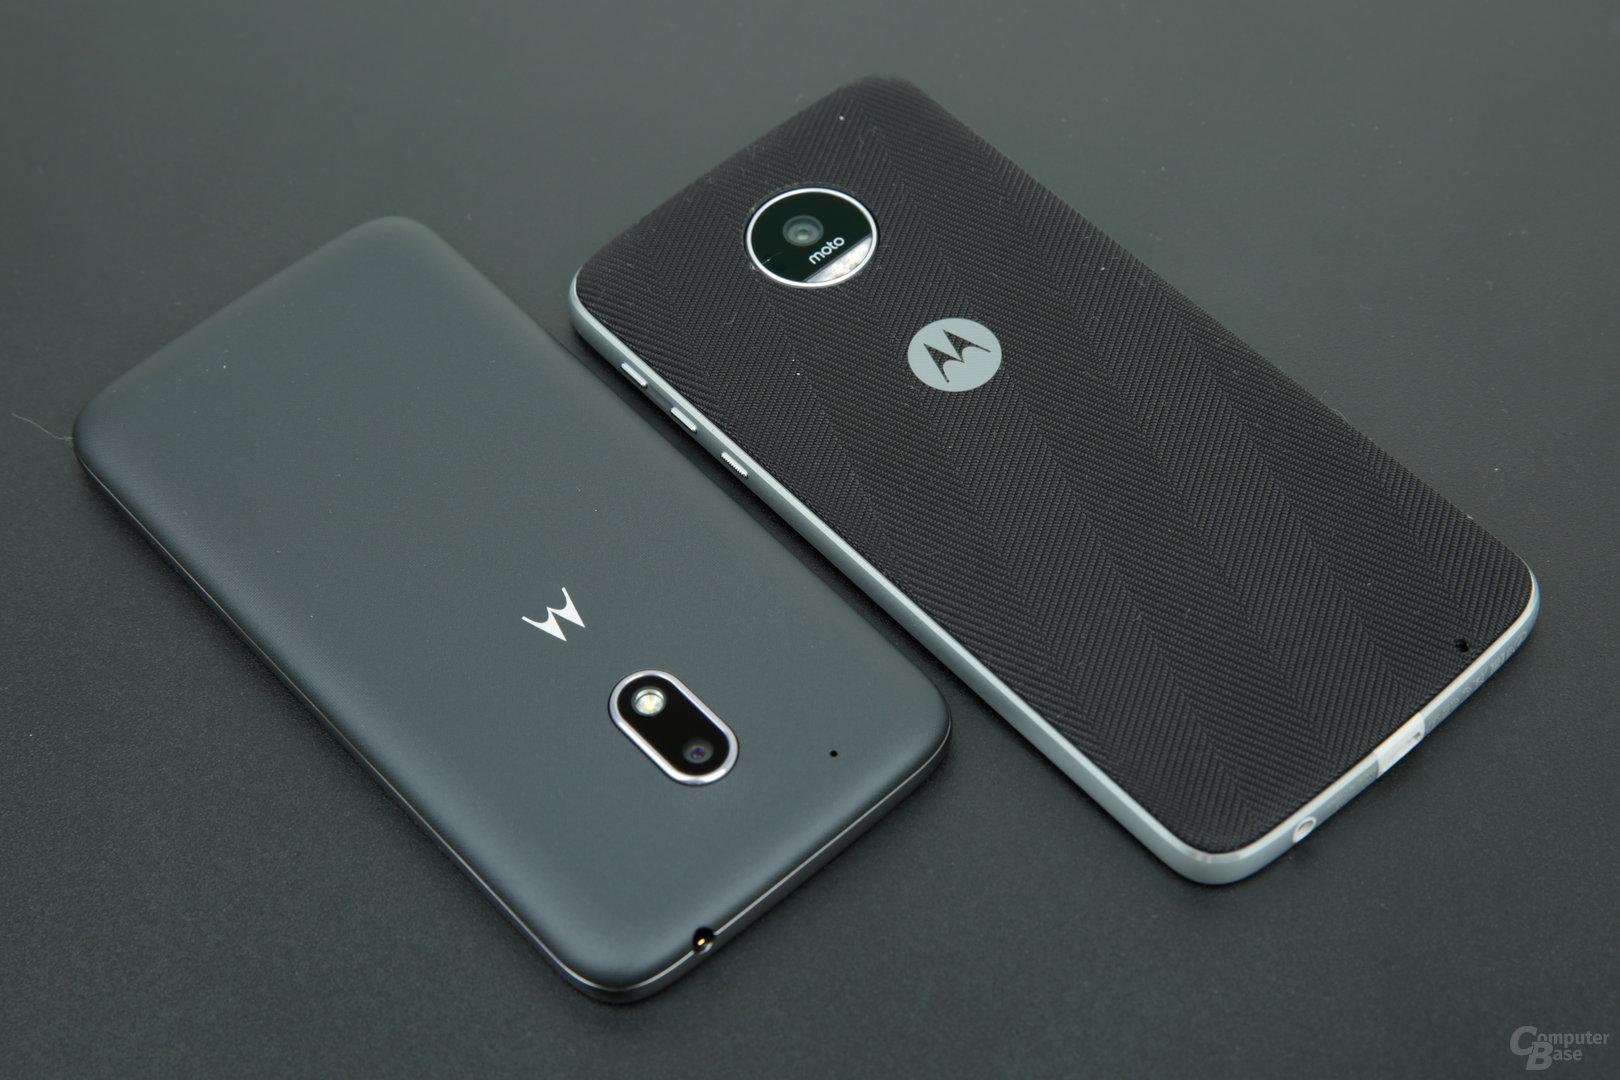 Rückseite beider Smartphones mit Style Shell beim Moto Z Play